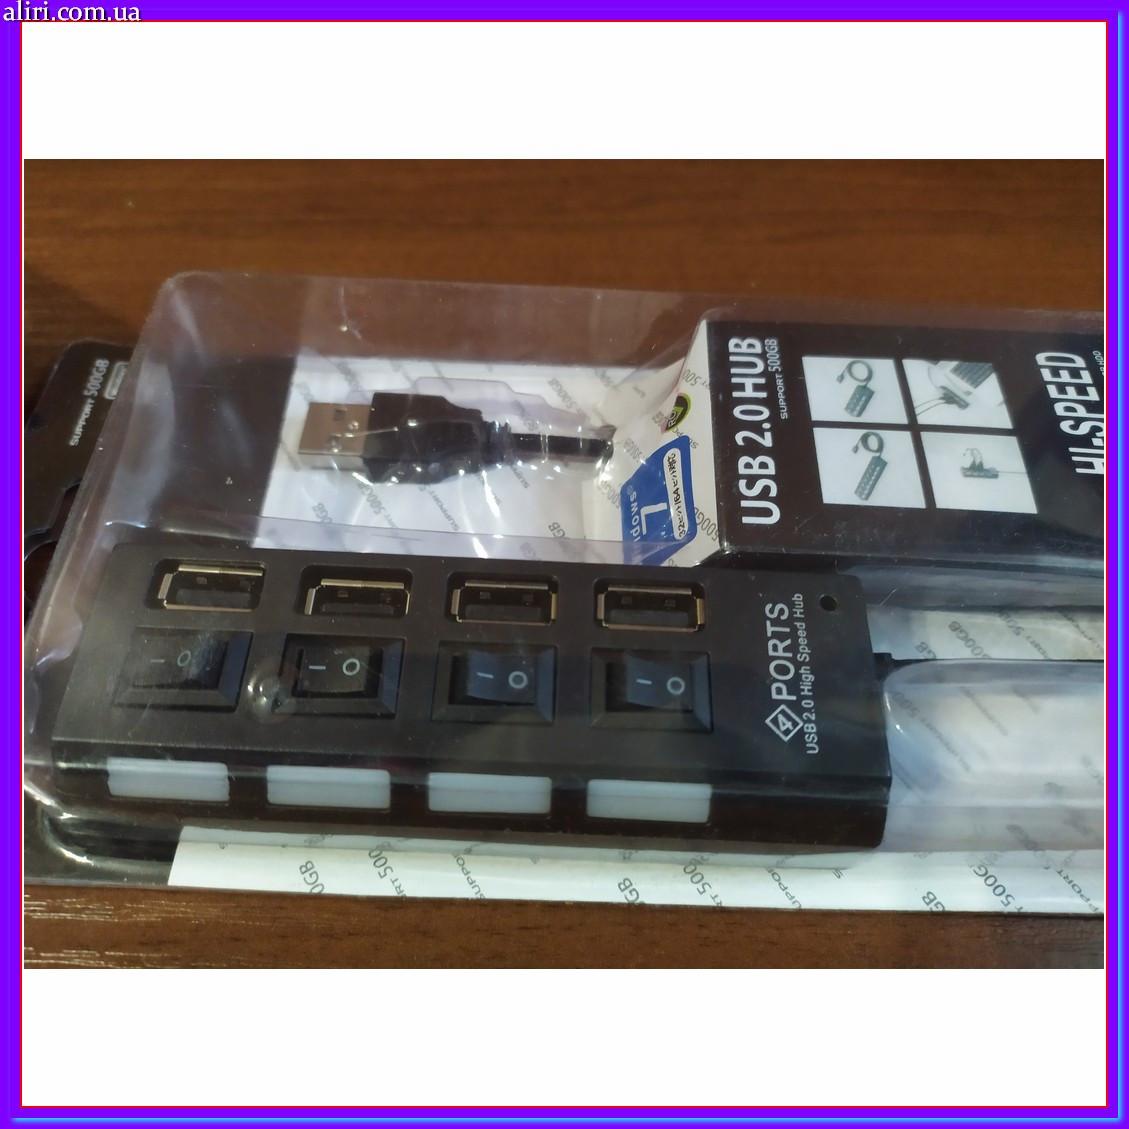 Концентратор USB HUB хаб HI-SPEED на 4 порта с подсветкой